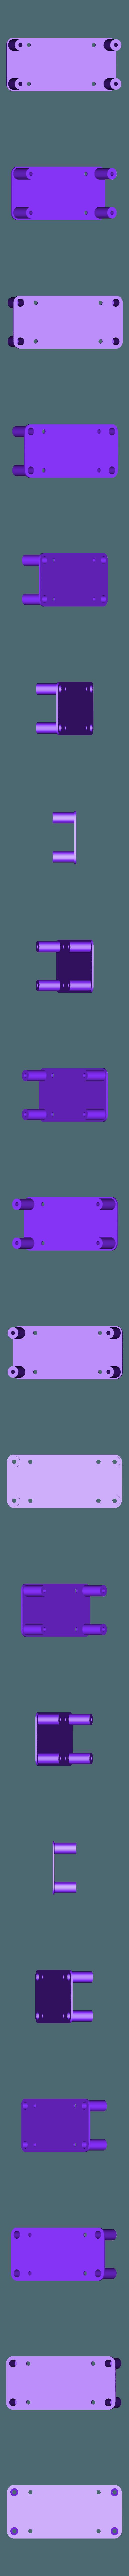 pick-mount.stl Download free STL file MX MIDI Guitar • 3D print model, Adafruit